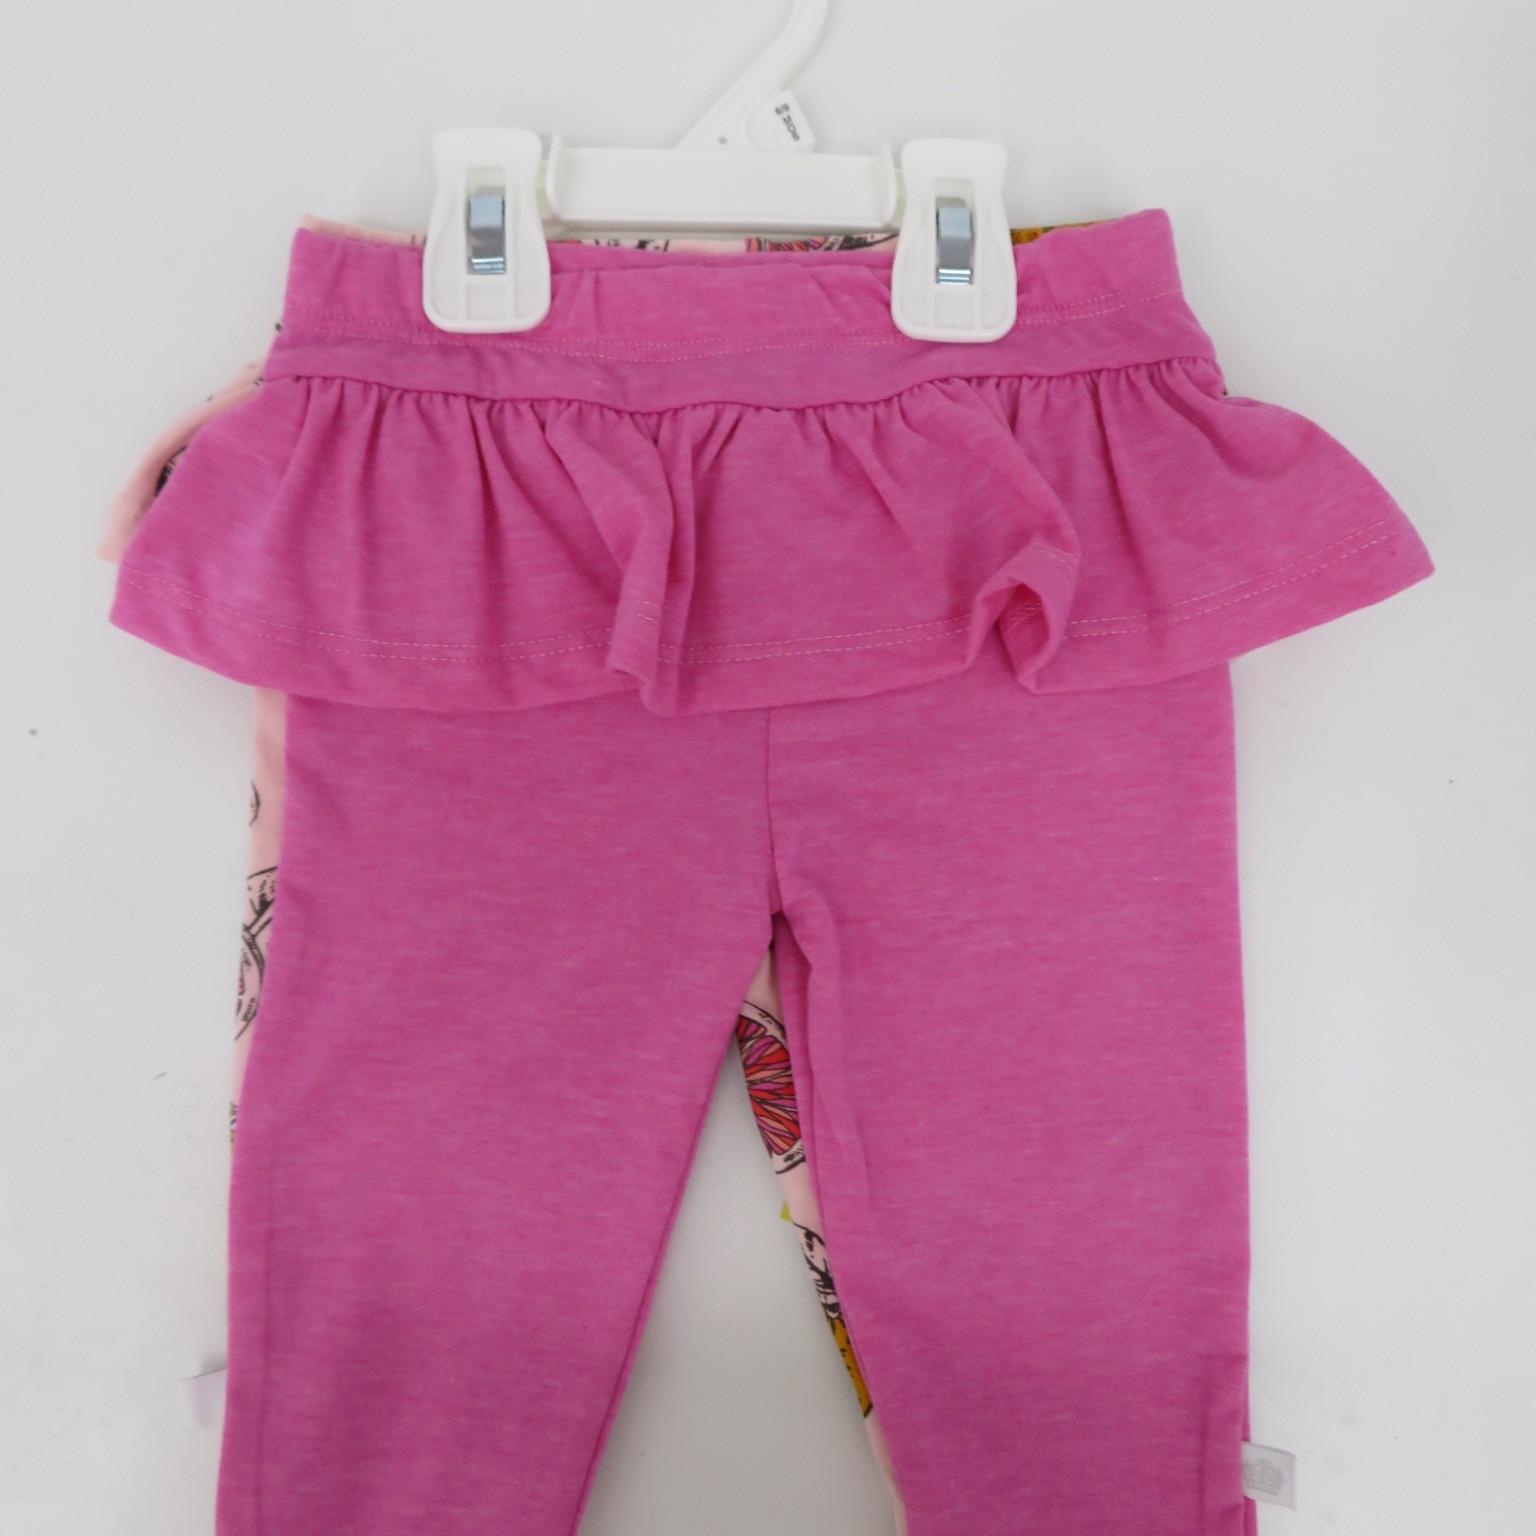 外贸原单宝宝秋冬长裤婴儿印花纯色2件装长裤